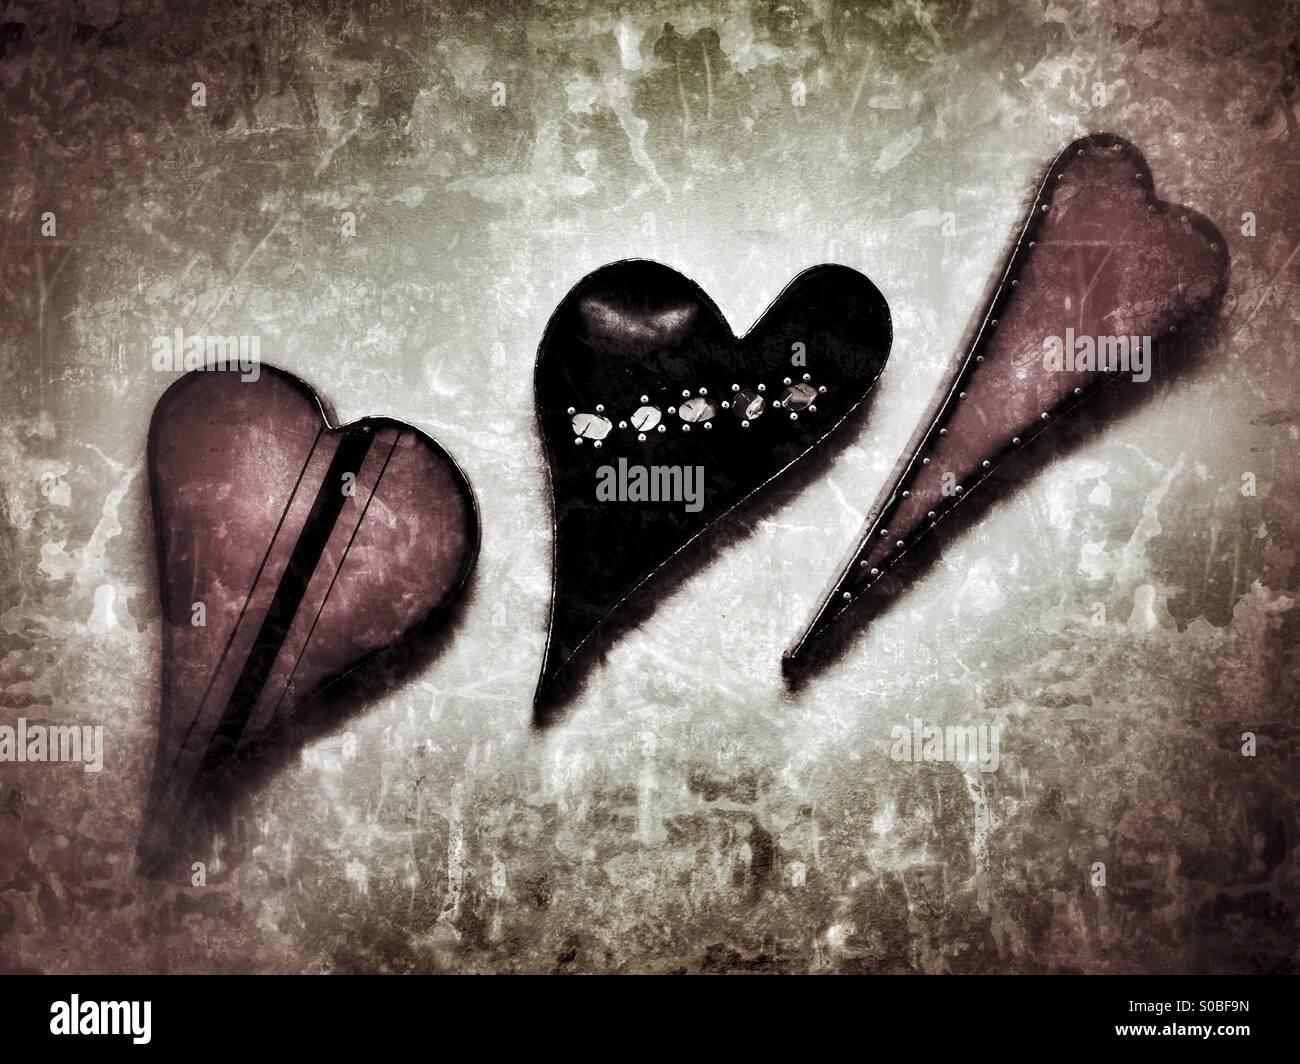 The Three Hearts - Stock Image